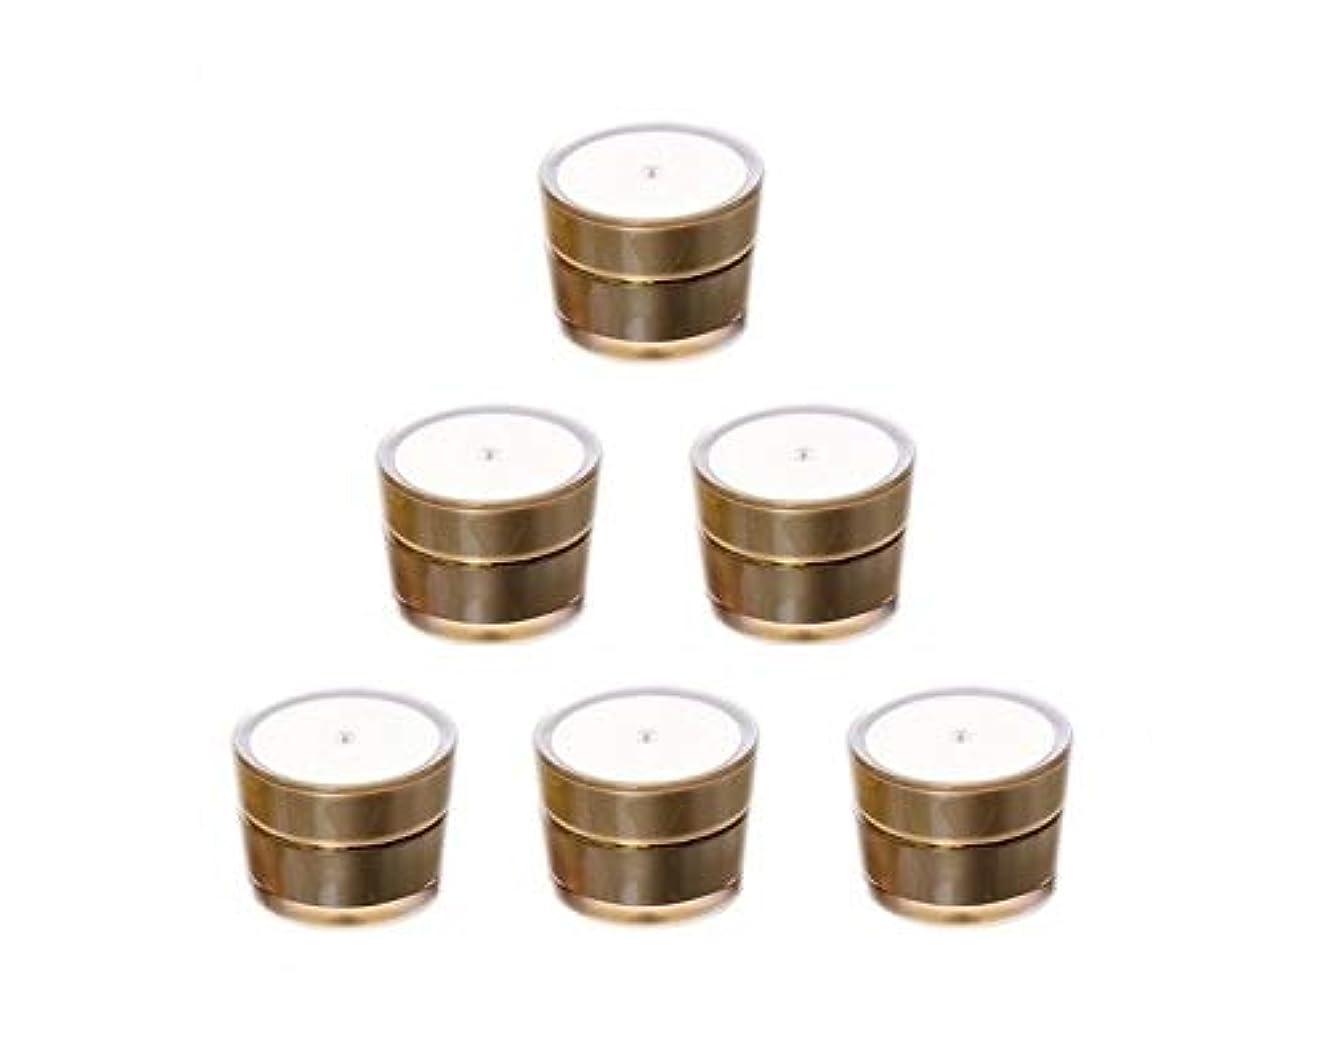 に応じてケープ火炎Bijou Cat クリーム用容器 クリームジャー容器 手作り化粧品容器 金色 5ml x 6個